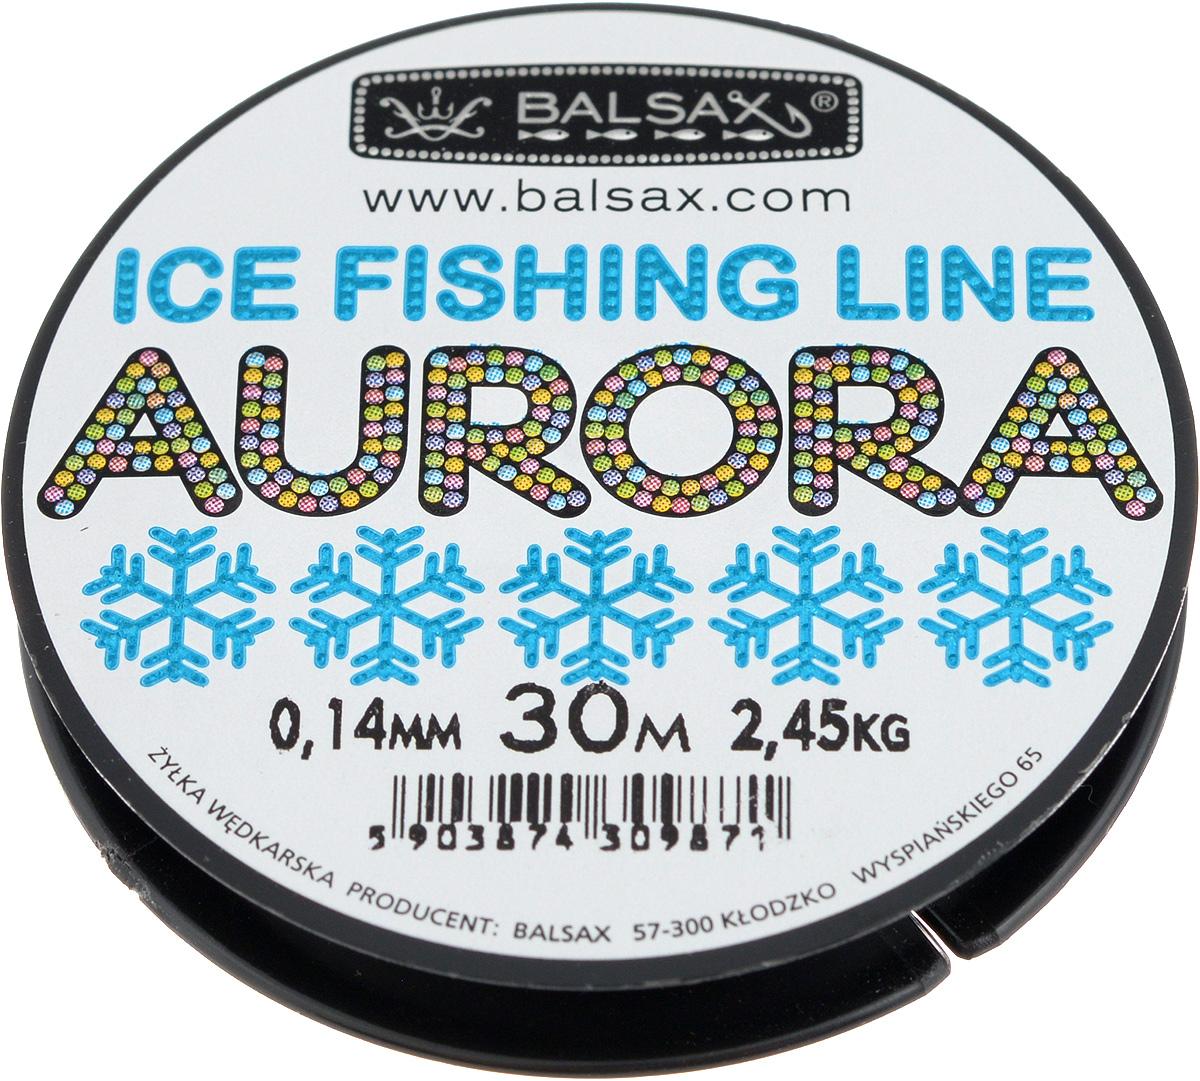 Леска зимняя Balsax Aurora, 30 м, 0,14 мм, 2,45 кг310-04014Леска Balsax Aurora изготовлена из 100% нейлона и очень хорошо выдерживаетнизкие температуры. Даже в самом холодном климате, при температуре вплотьдо -40°C, она сохраняет свои свойствапрактически без изменений, в то время как традиционные лески становятся менееэластичными и теряют прочность. Поверхность лески обработана таким образом, что она не обмерзает и отличноподходит для подледного лова. Прочна вместах вязки узлов даже при минимальном диаметре.